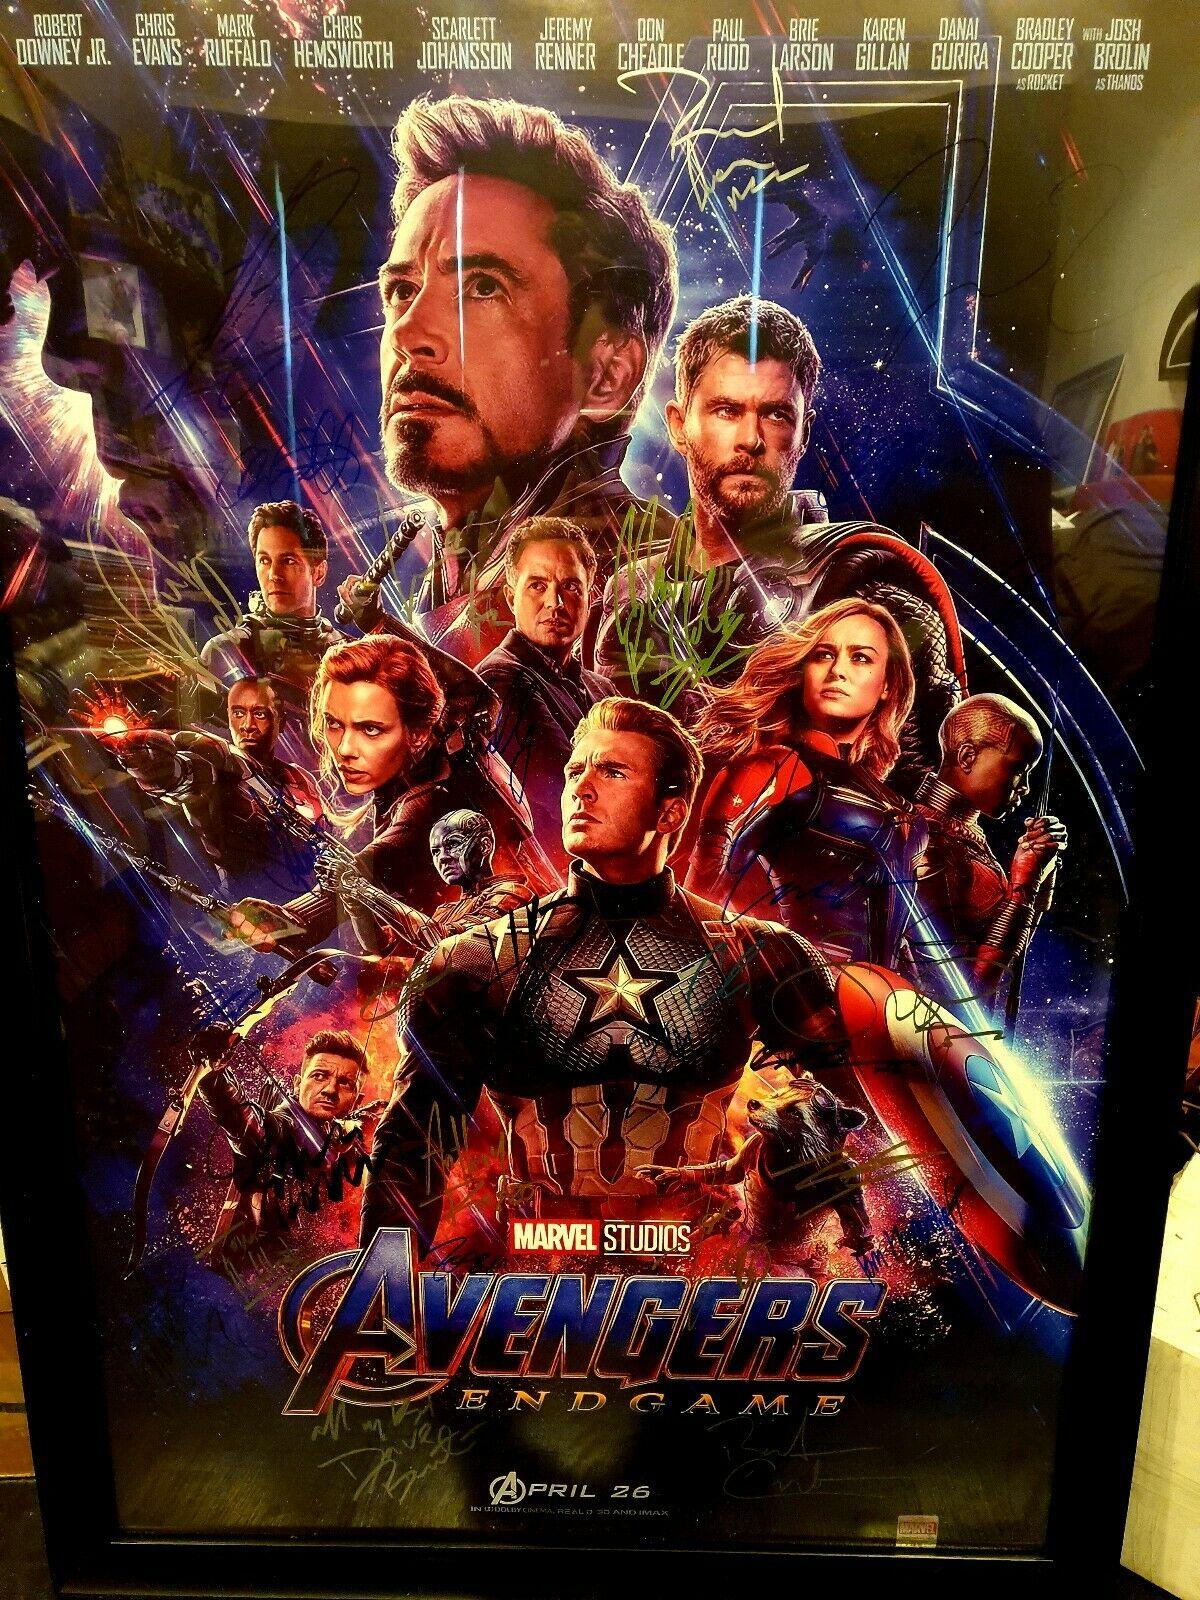 avengers endgame cast signed poster